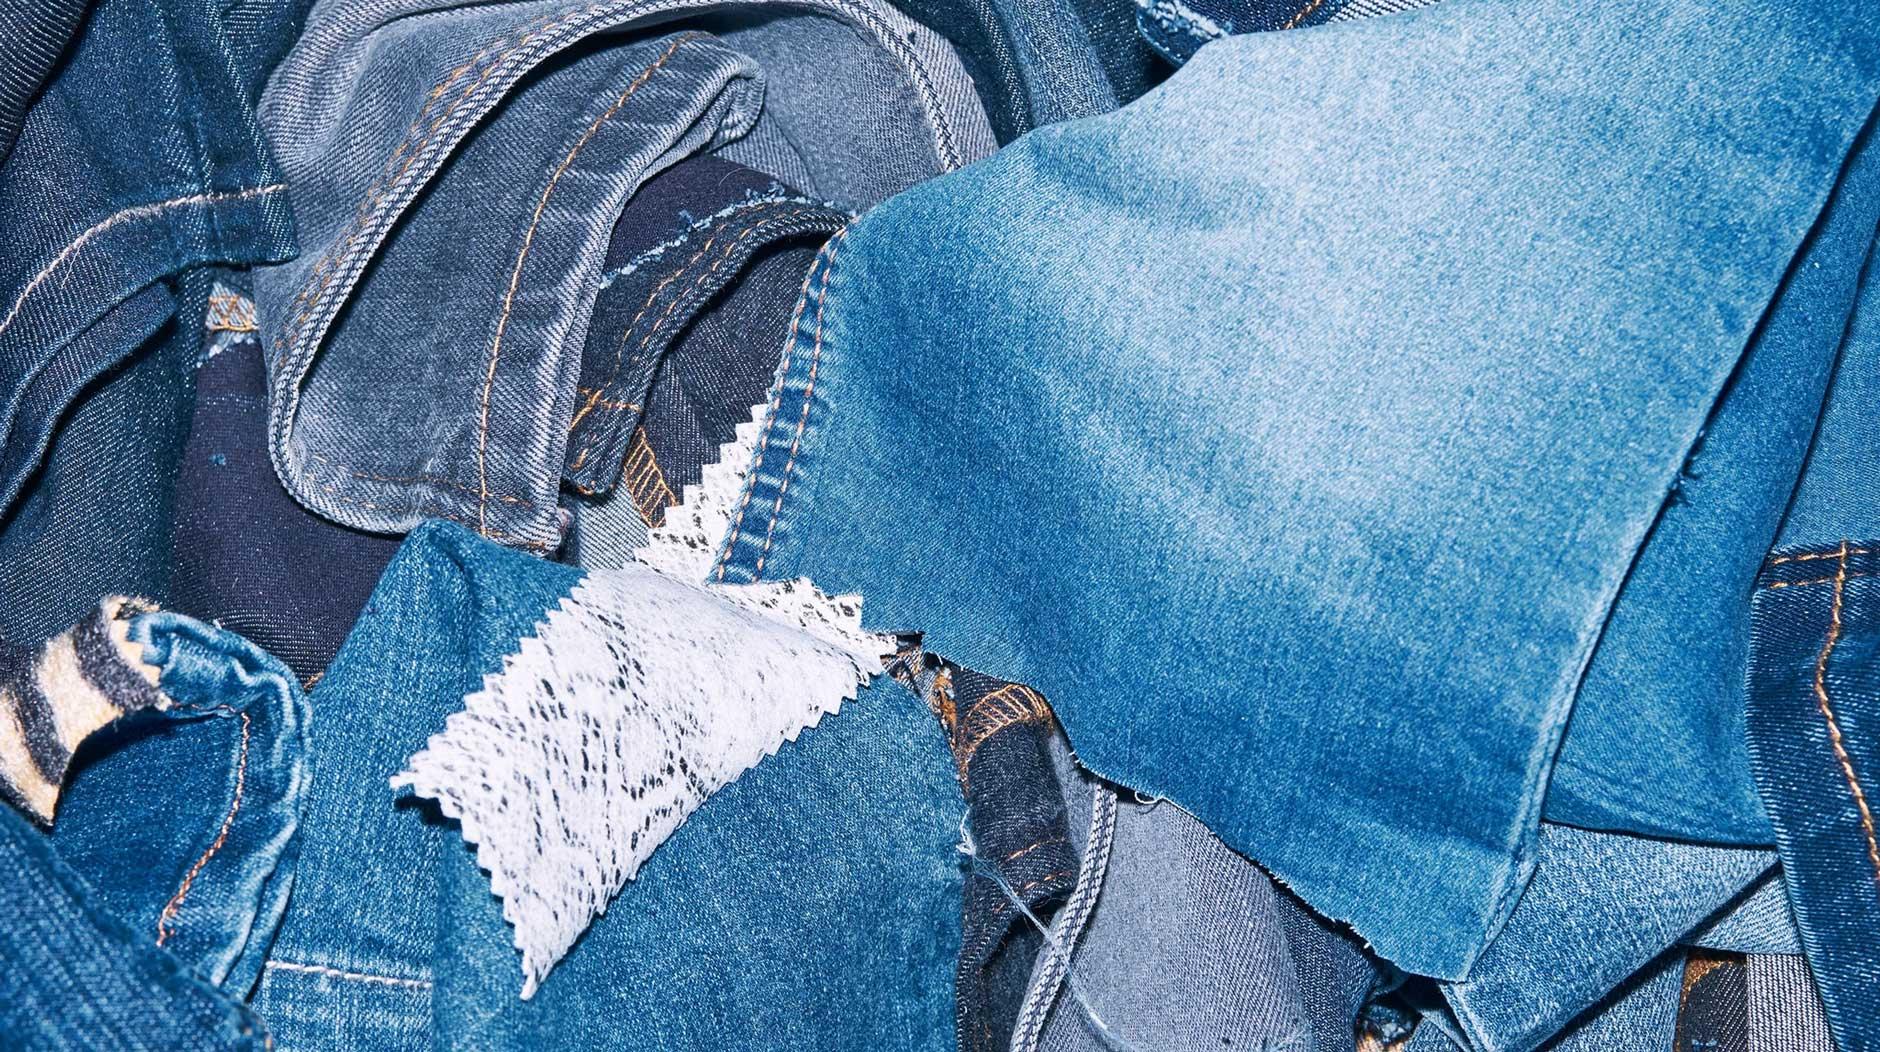 A pile of denim fabrics